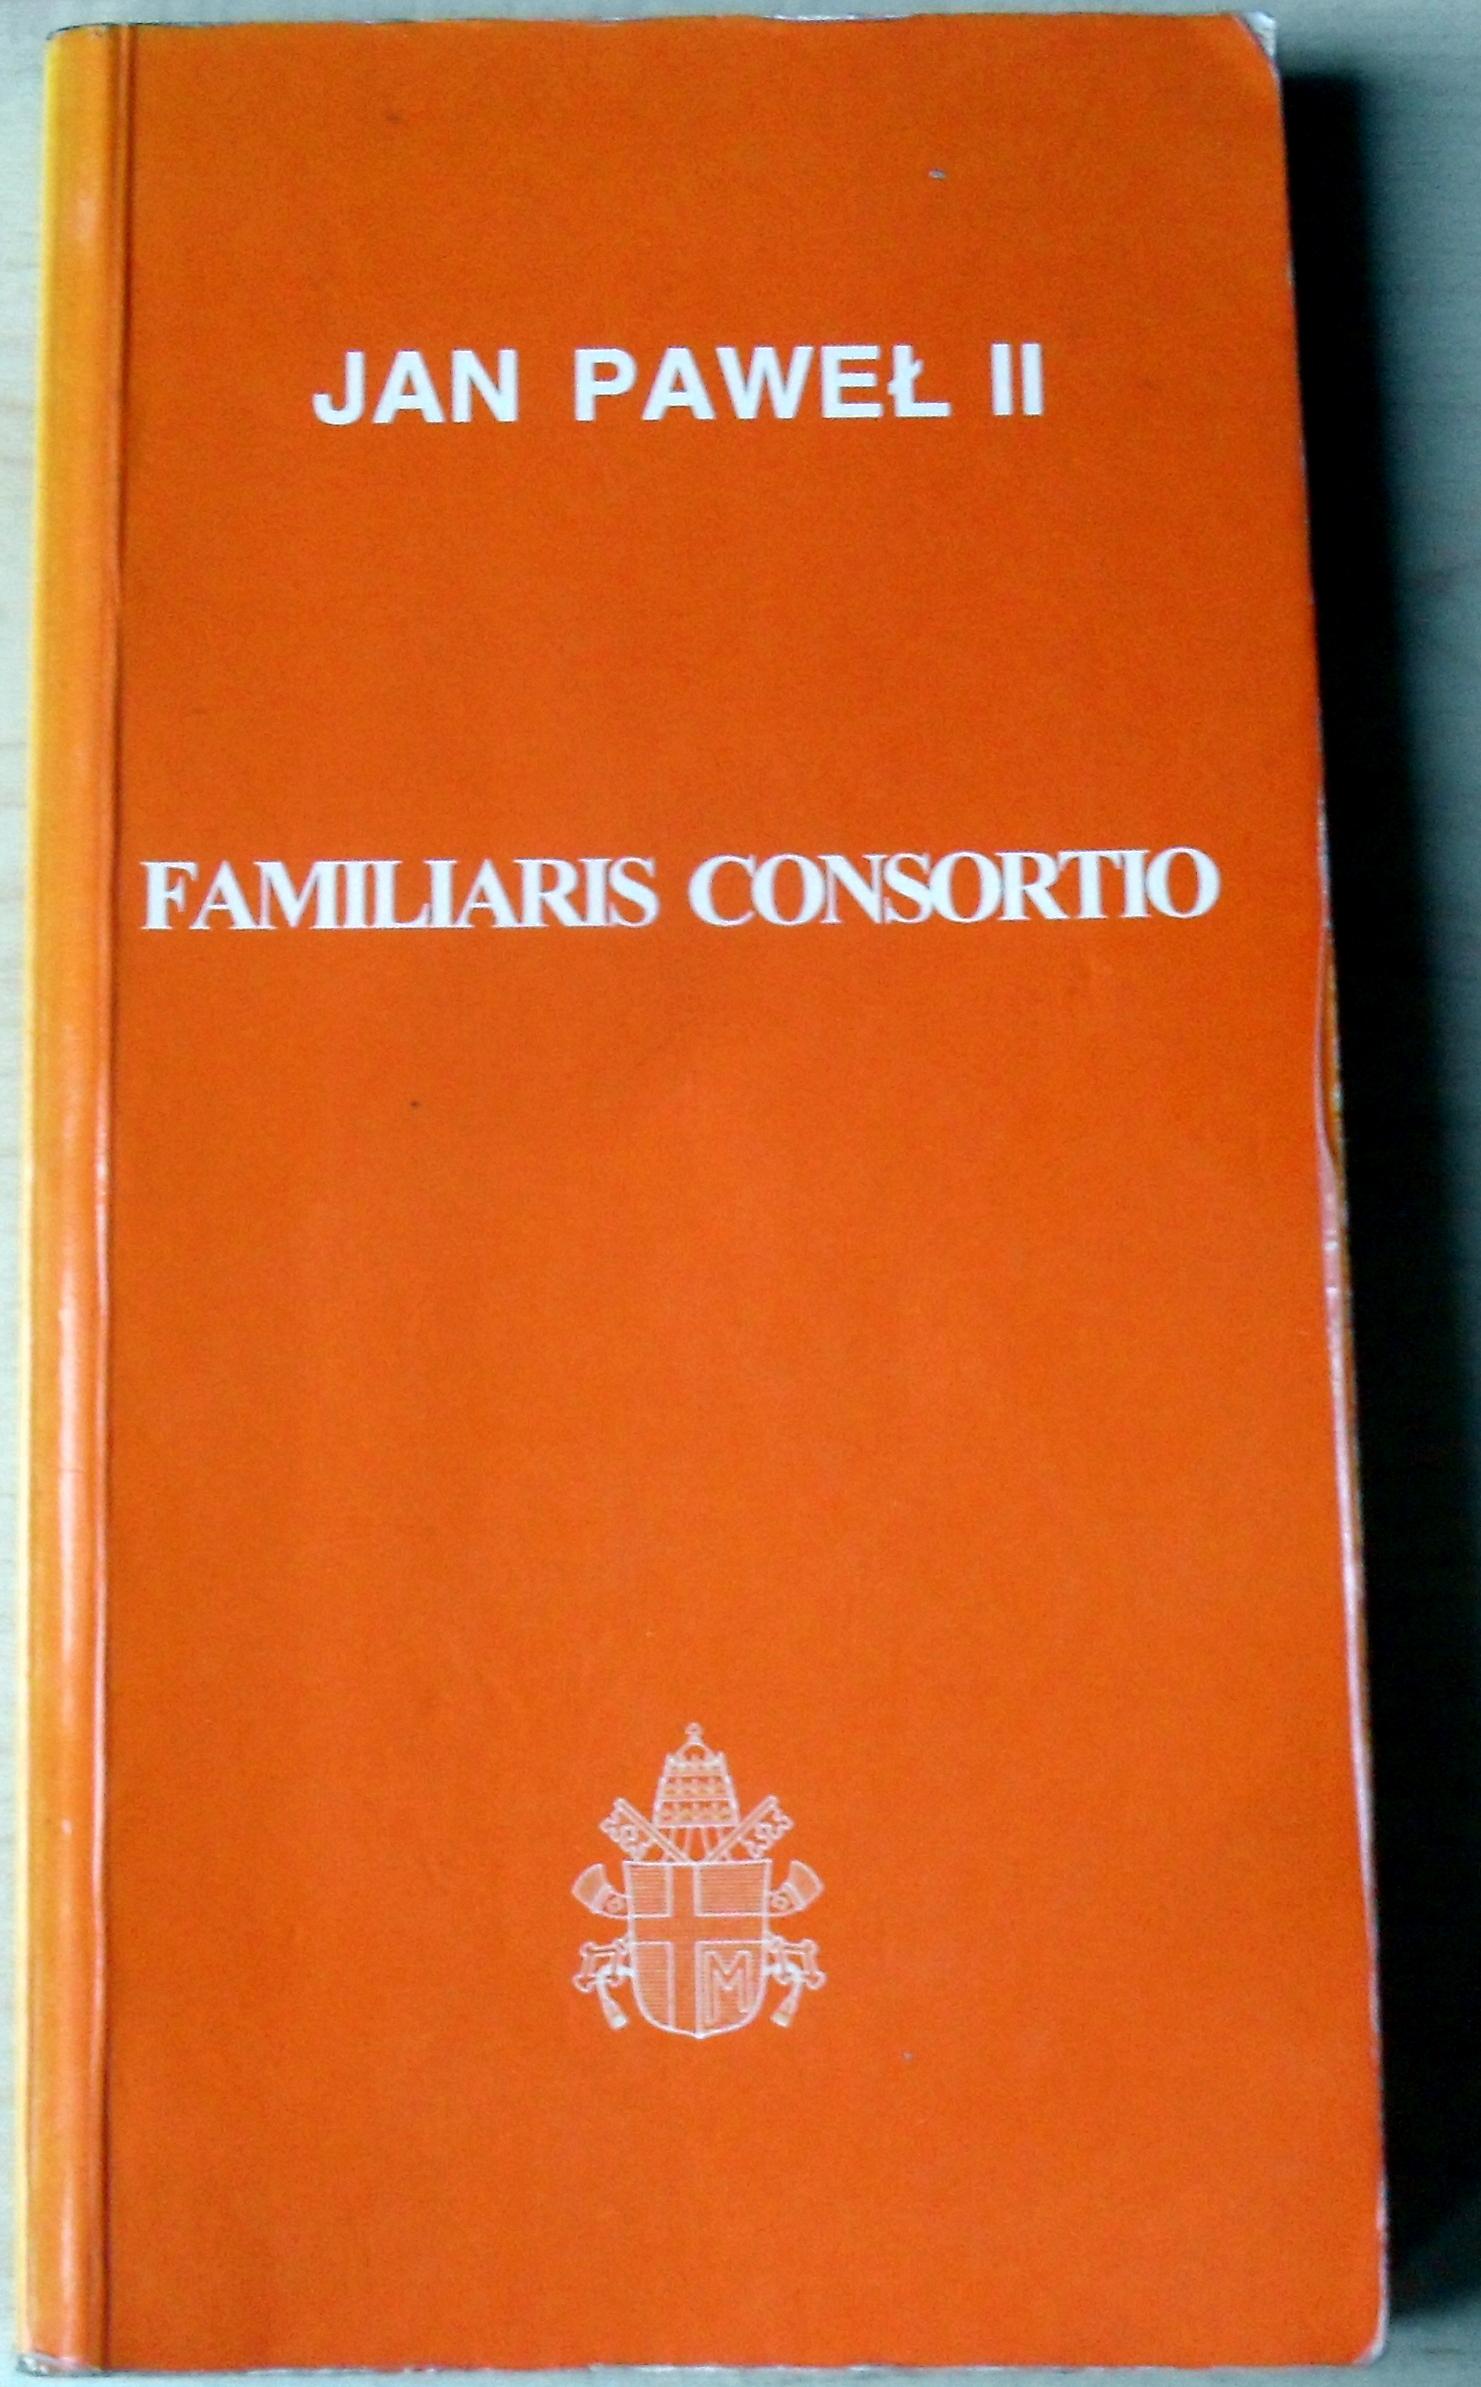 the familiaris